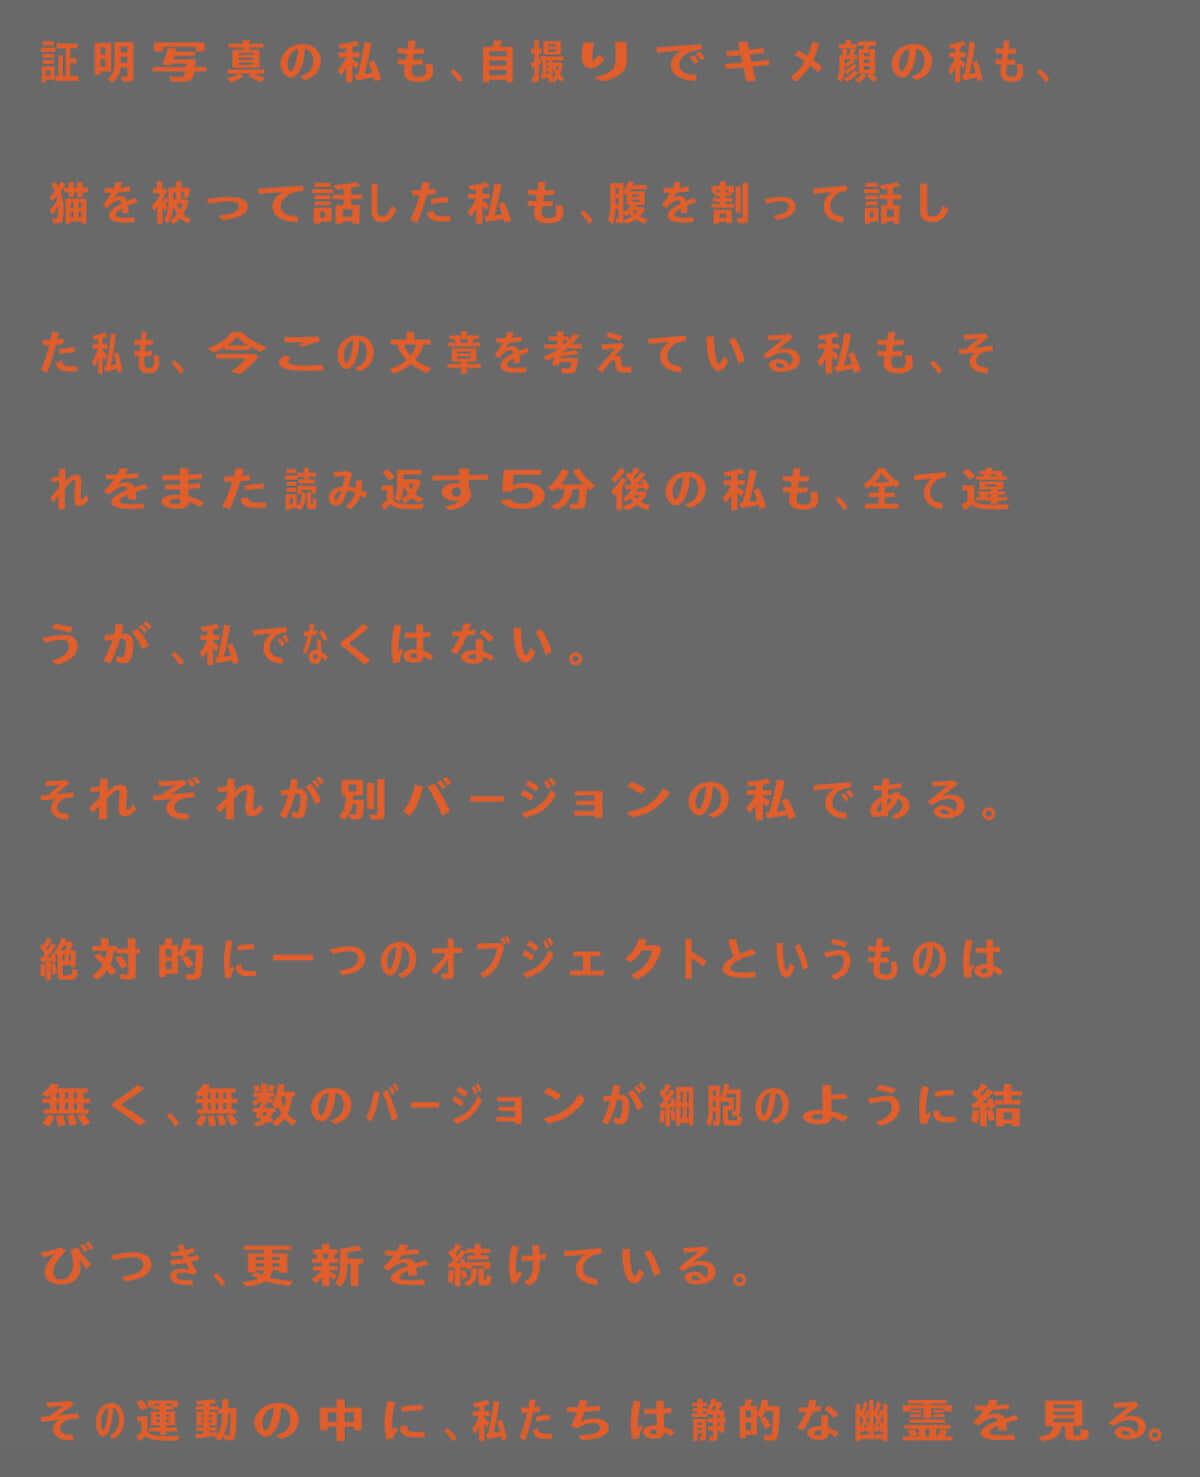 インスタの#workout(筋トレの自撮り)などをテーマにした原 淳之助による個展「≃」がANAGRAにて開催中 art-culture190302-harajunnosuke-1-1200x1477